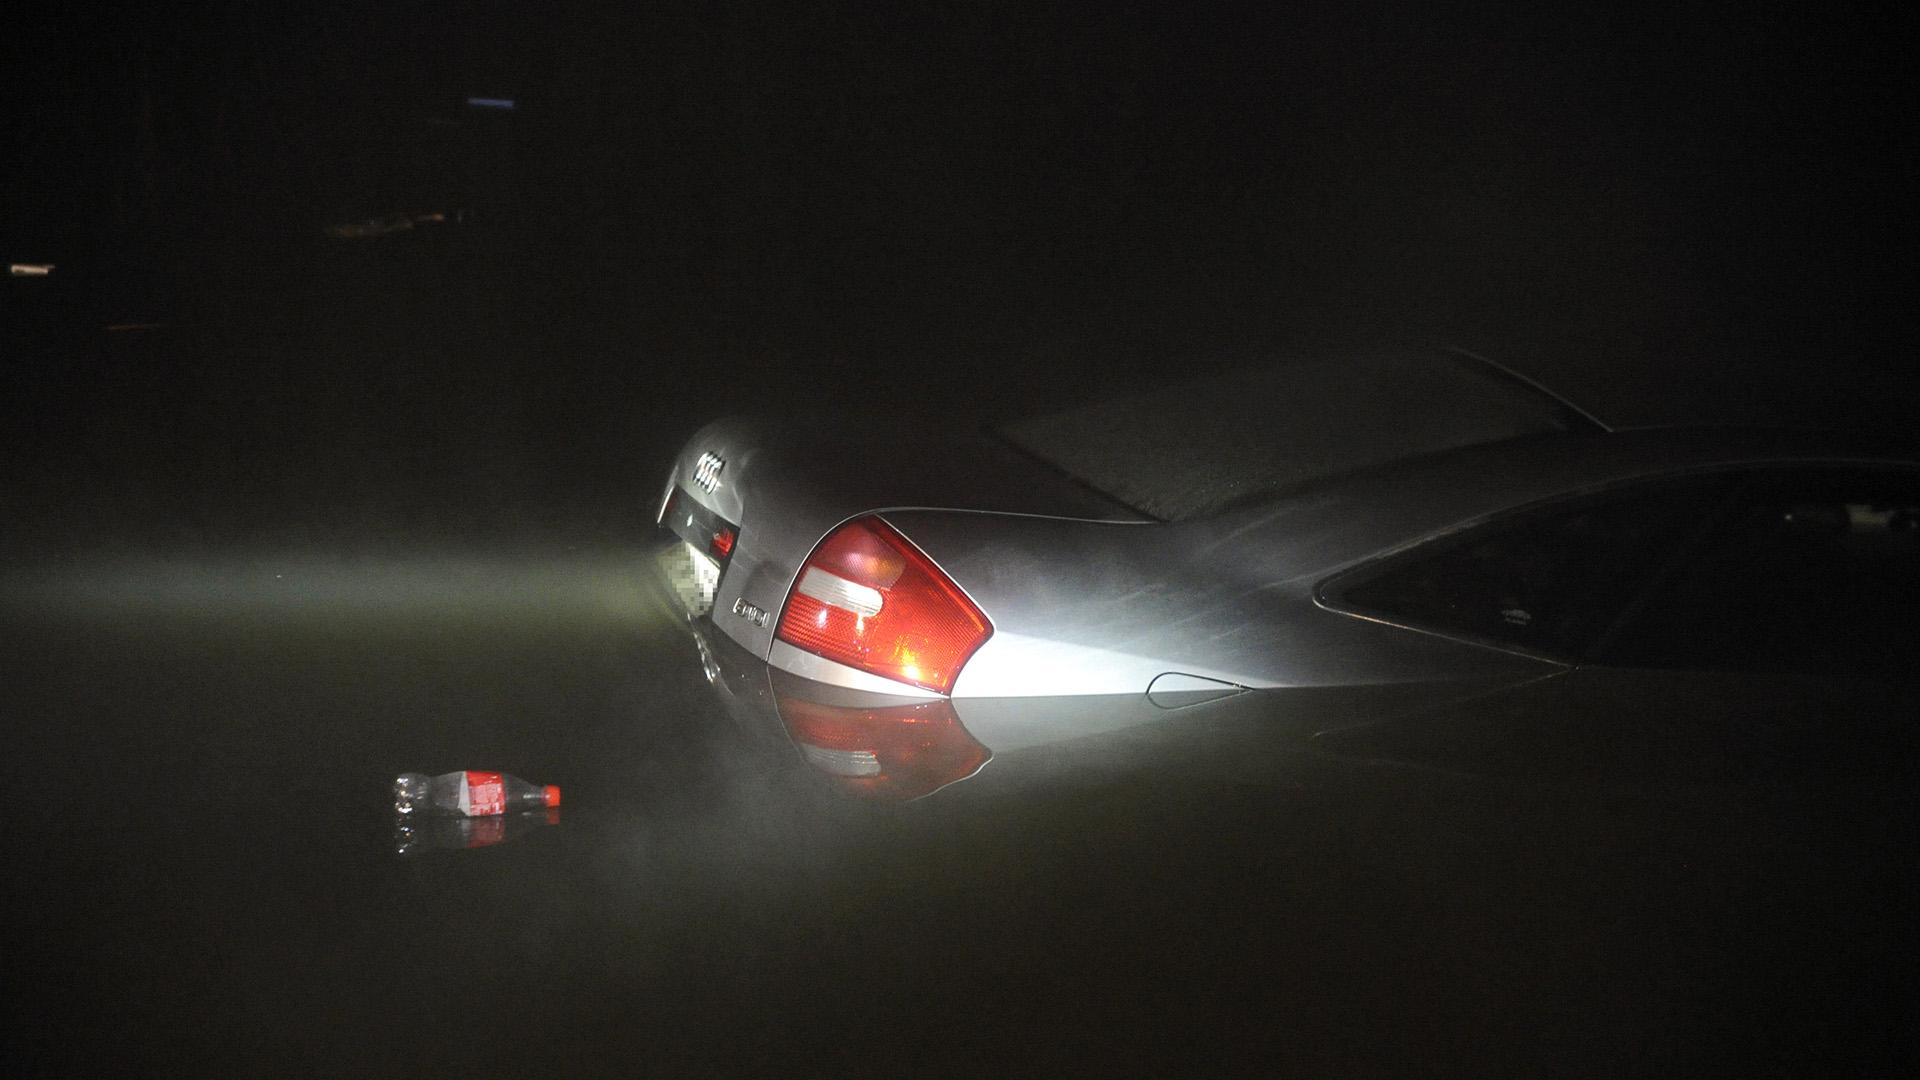 A GPS miatt hajtott a Dunába a fiatal autós